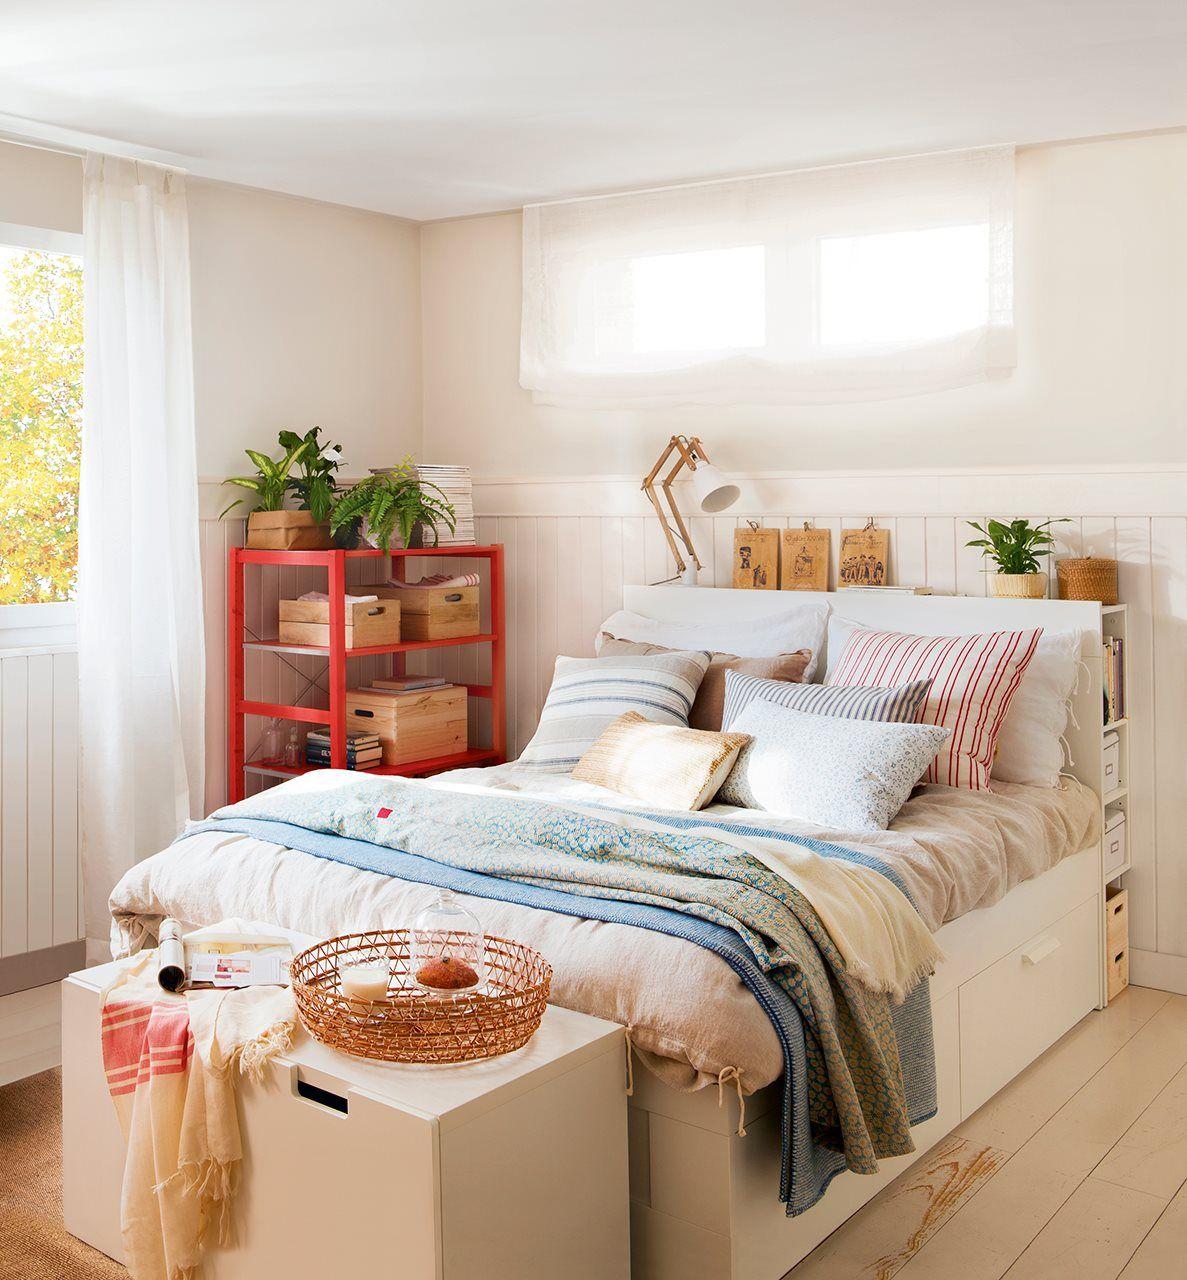 Qu cambio 1 dormitorio 3 soluciones - Mueble para dormitorio ...